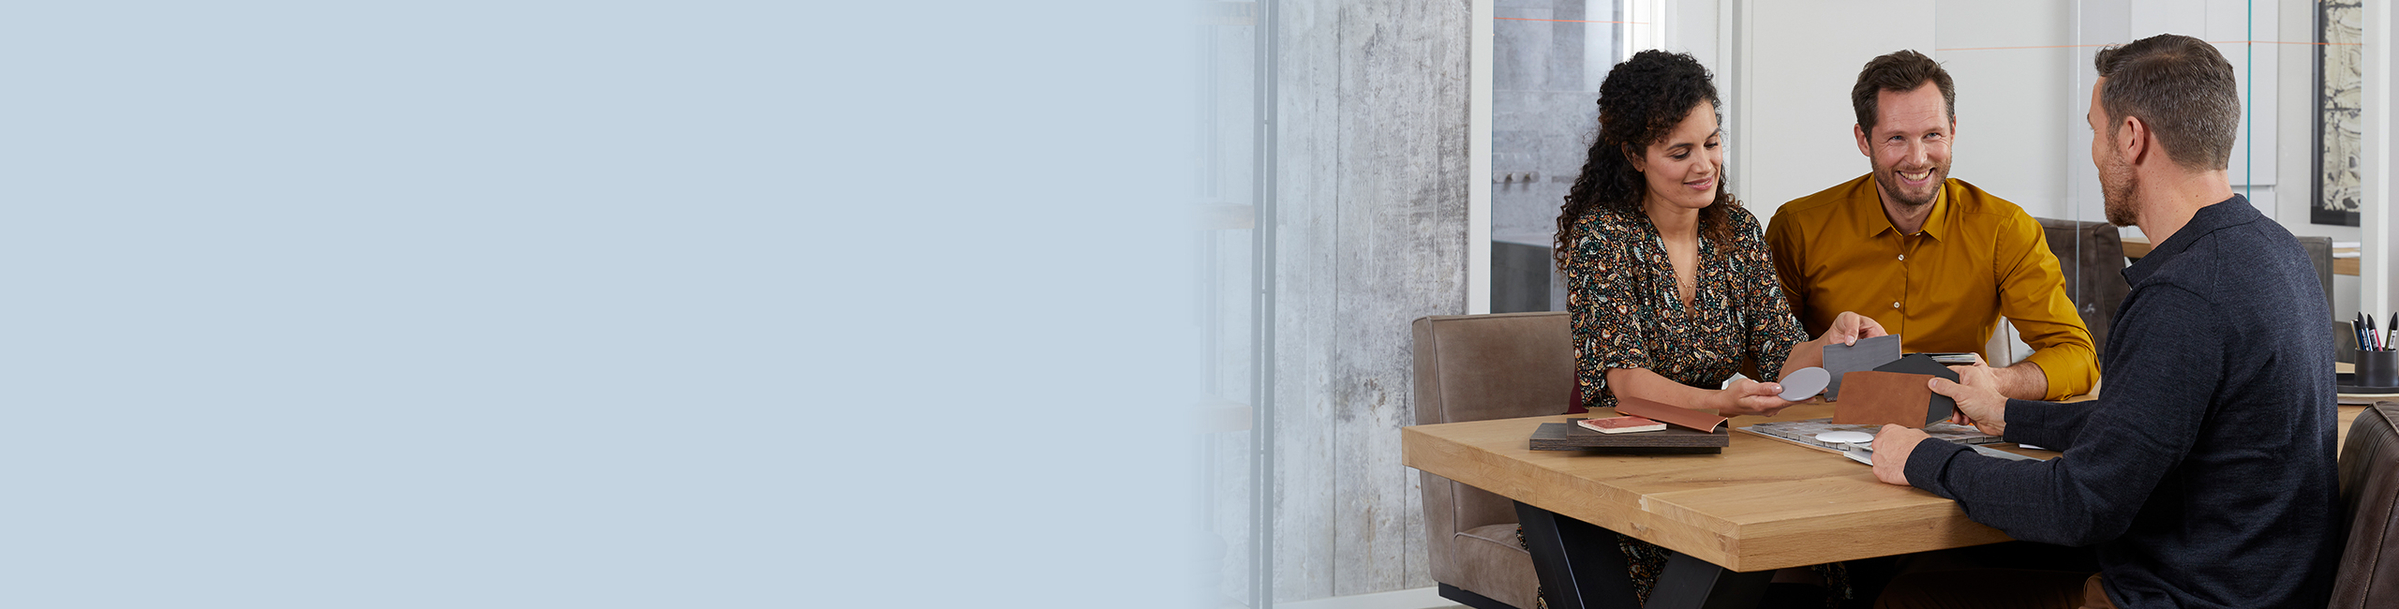 Complete Badkamer Inclusief Montage Eveleens Sanitair En Verwarming